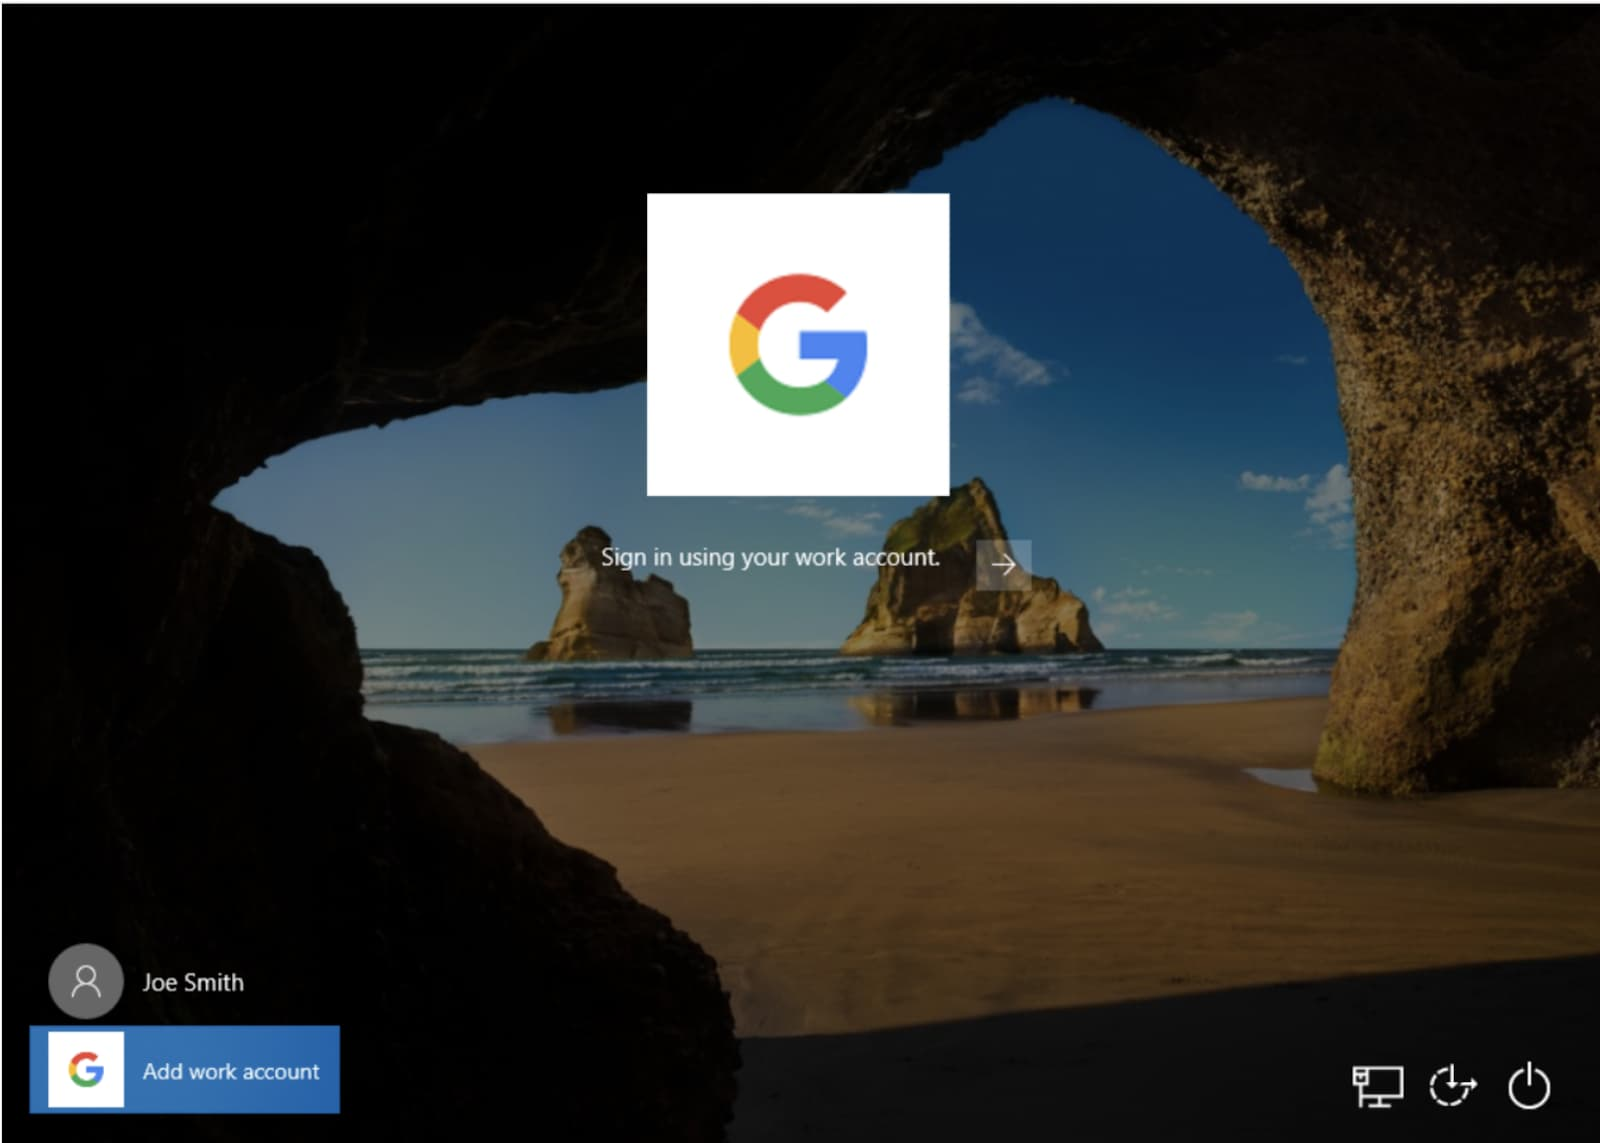 GSuiteアカウントでWindows 10へログインできるように、GSuite 管理コンソールからWindowsデバイスを管理する機能更新